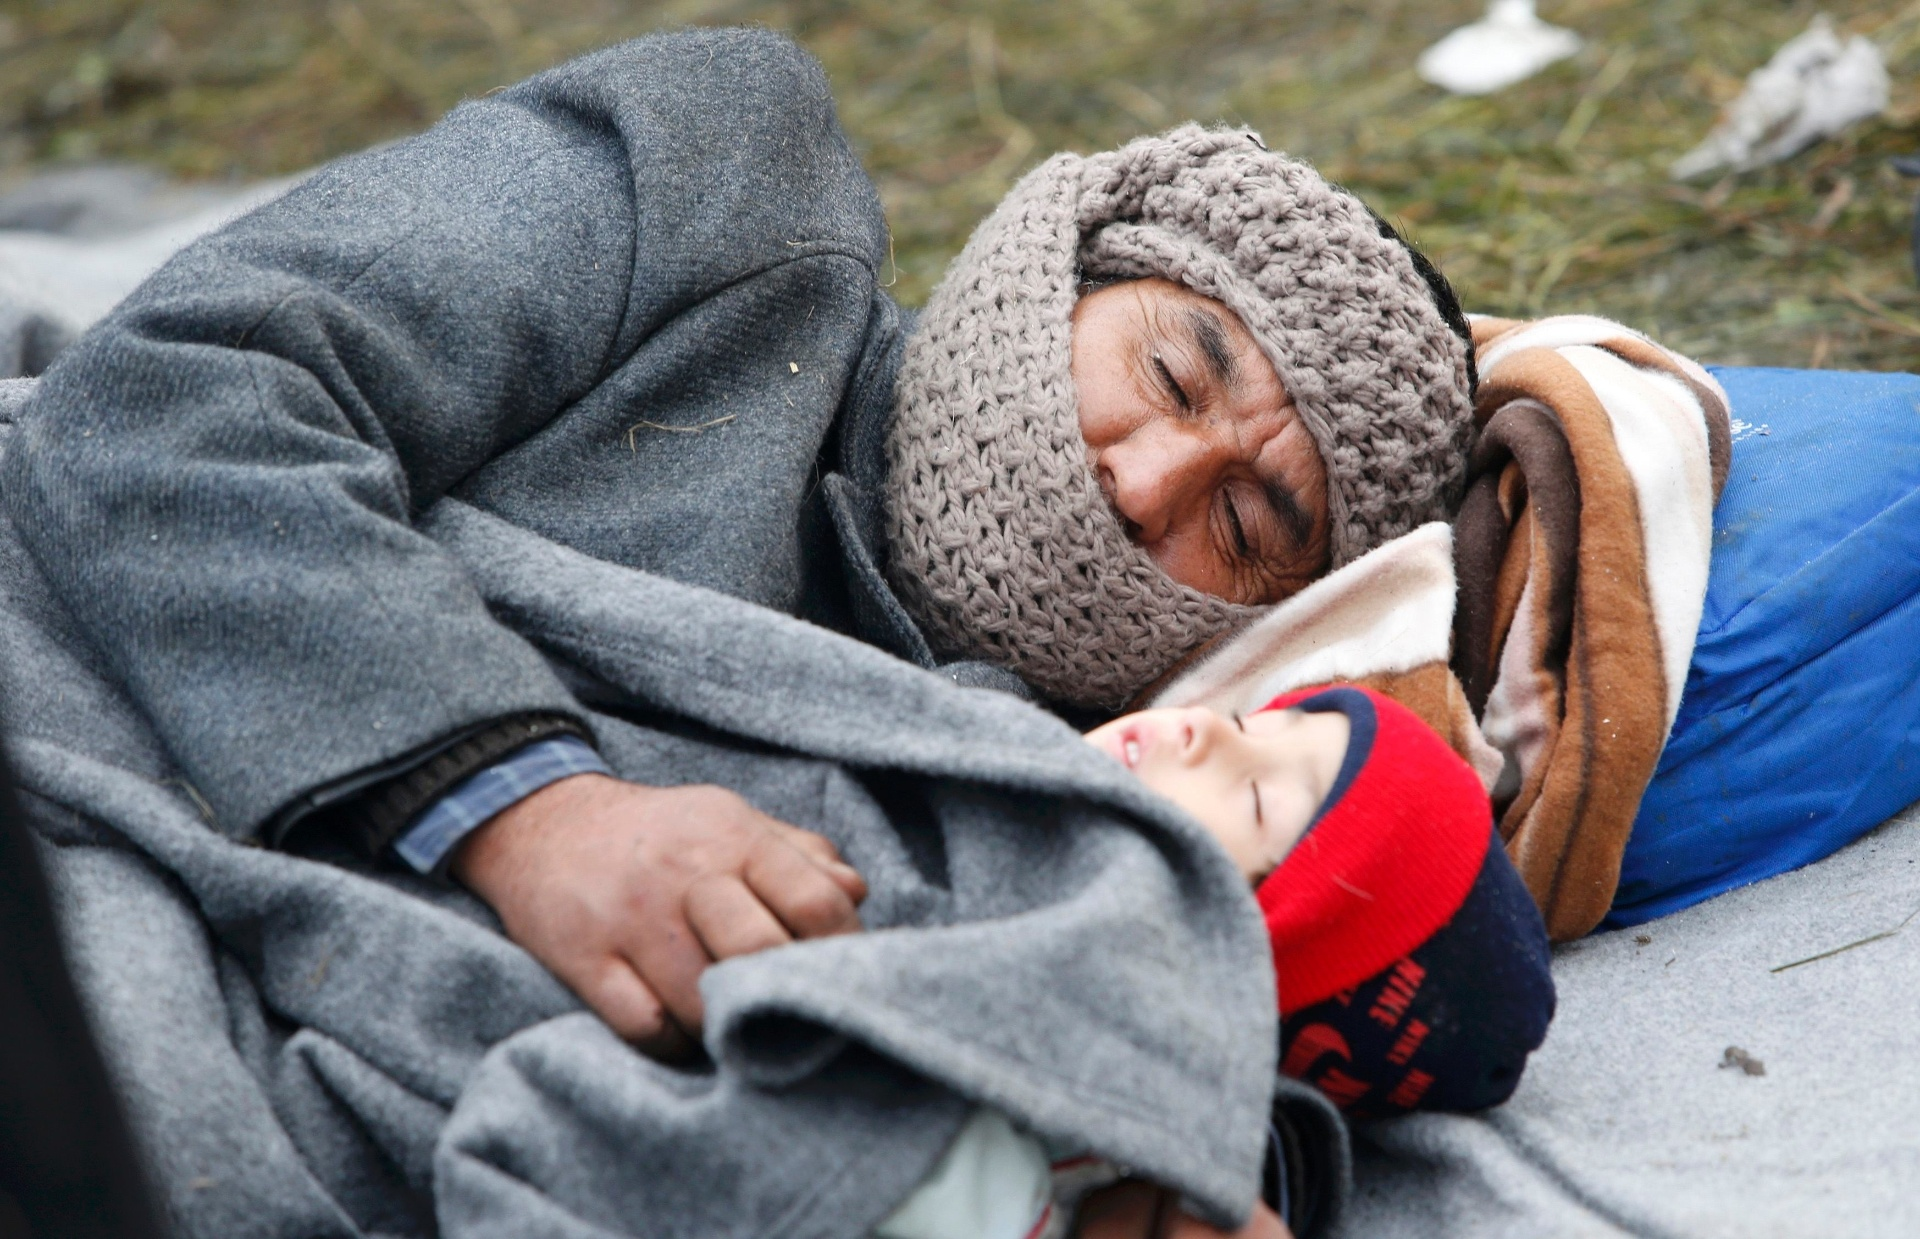 30.out.2015 - Migrantes dormem em cama improvisada no chão enquanto aguardam para deixar Sentilj, na Eslovênia, e entrar na cidade de Spielfeld, em território austríaco. Segundo pesquisa realizada em sete países europeus, os franceses são os mais contrários na Europa Ocidental a receber refugiados